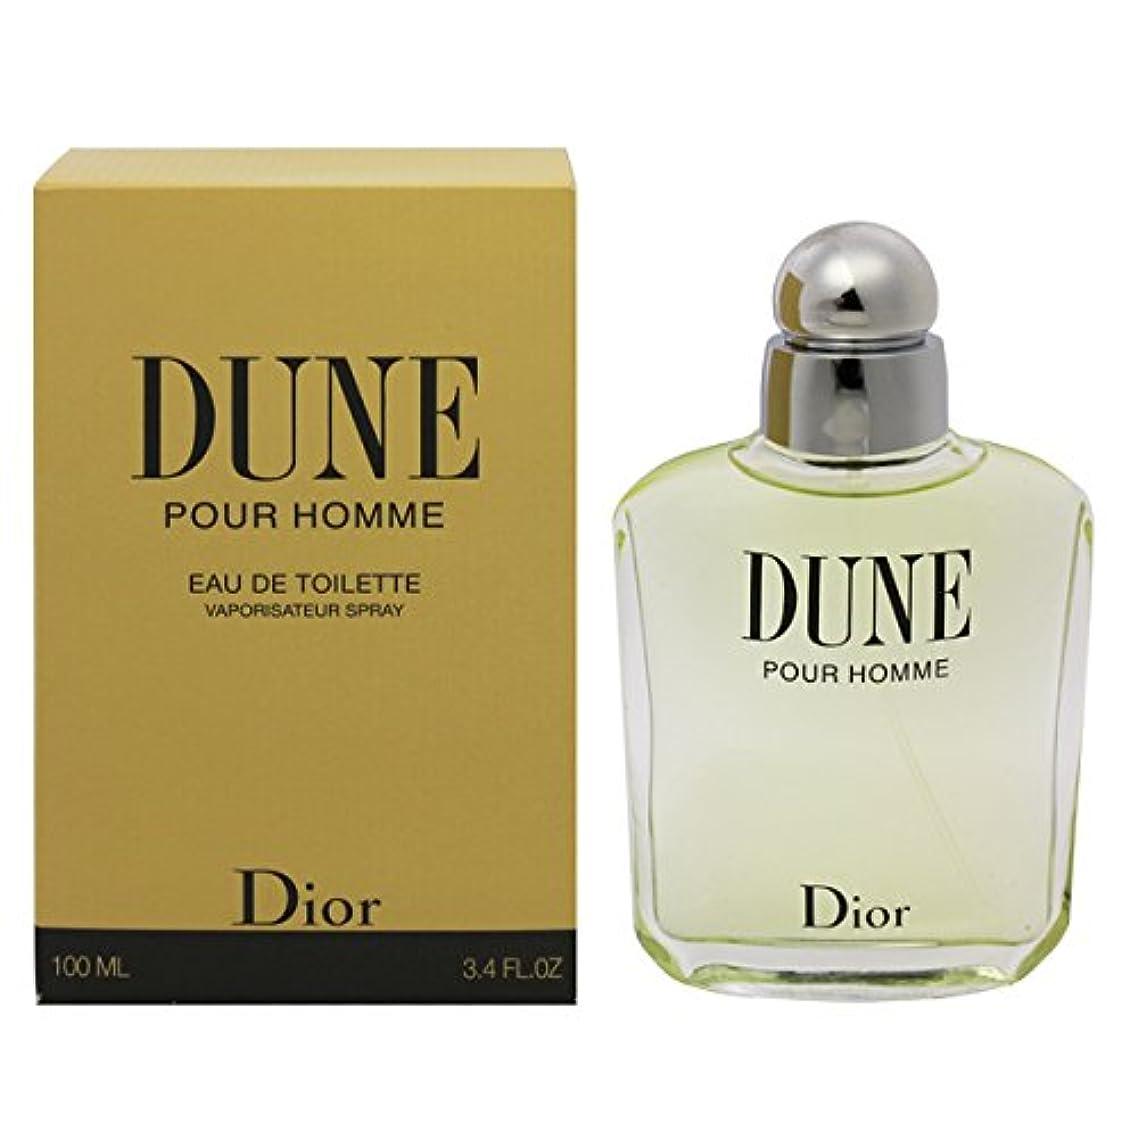 することになっている勘違いする単調なクリスチャン ディオール(Christian Dior) デューン プールオム EDT SP 100ml[並行輸入品]